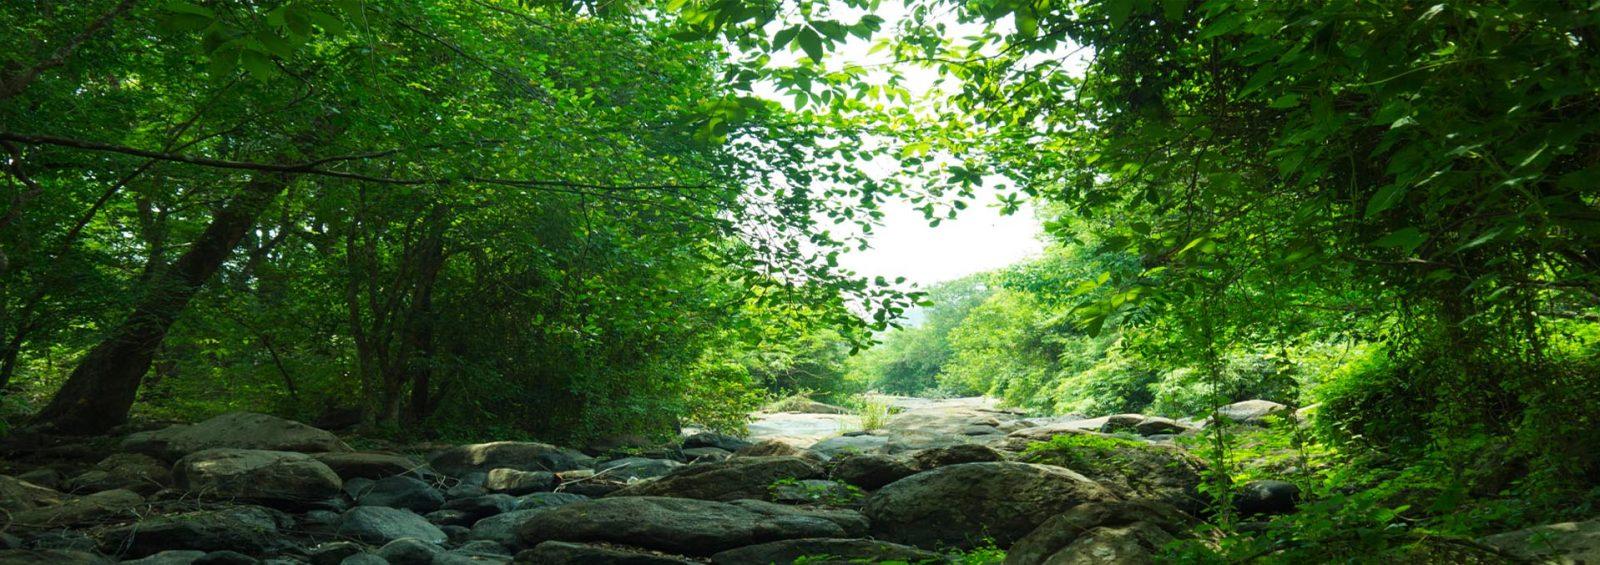 Green Forest in Ezhattumugham